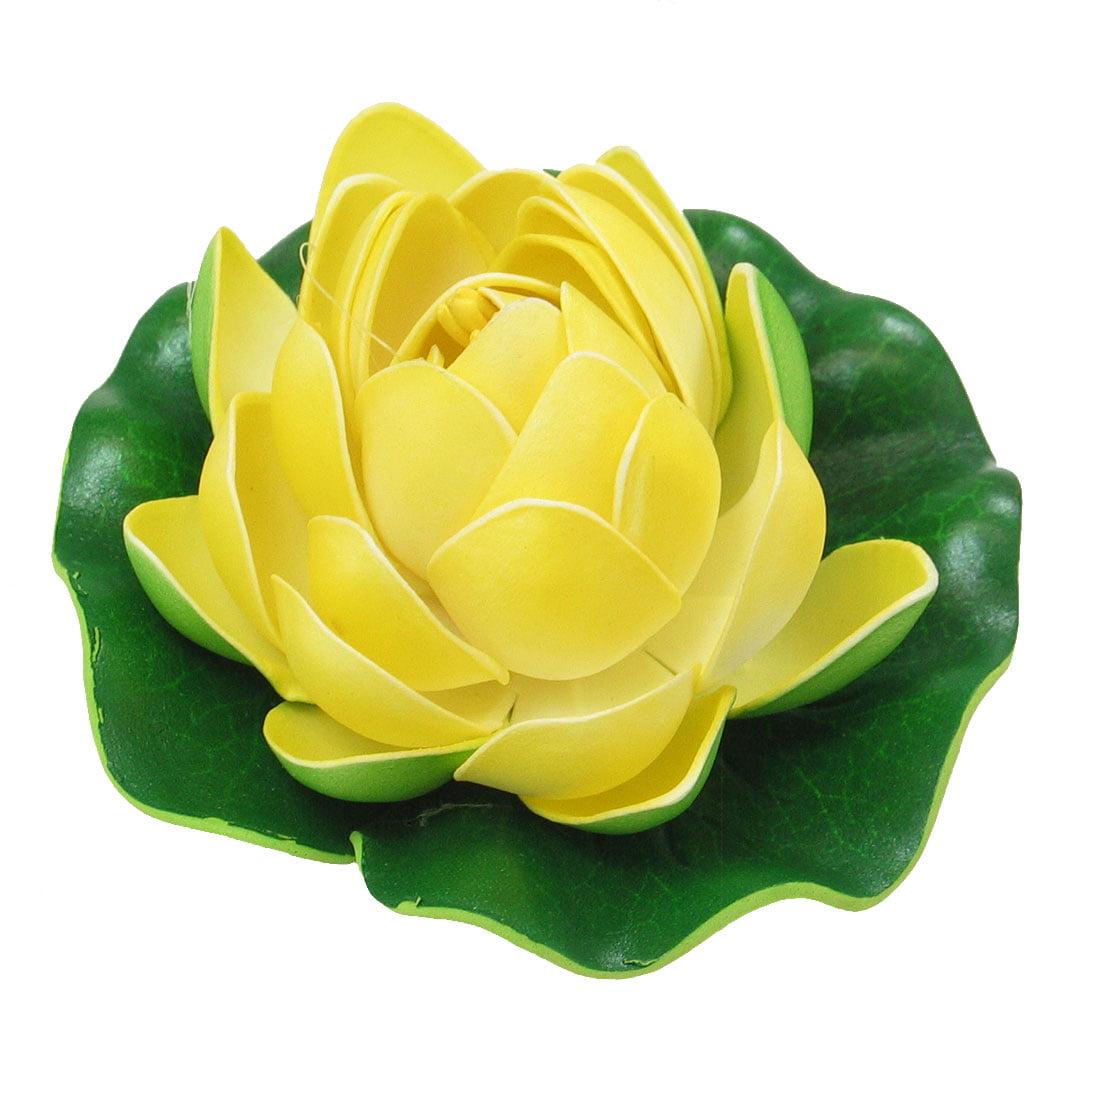 Unique Bargains Floating Foam Lotus Yellow Ornament for Fish Aquarium